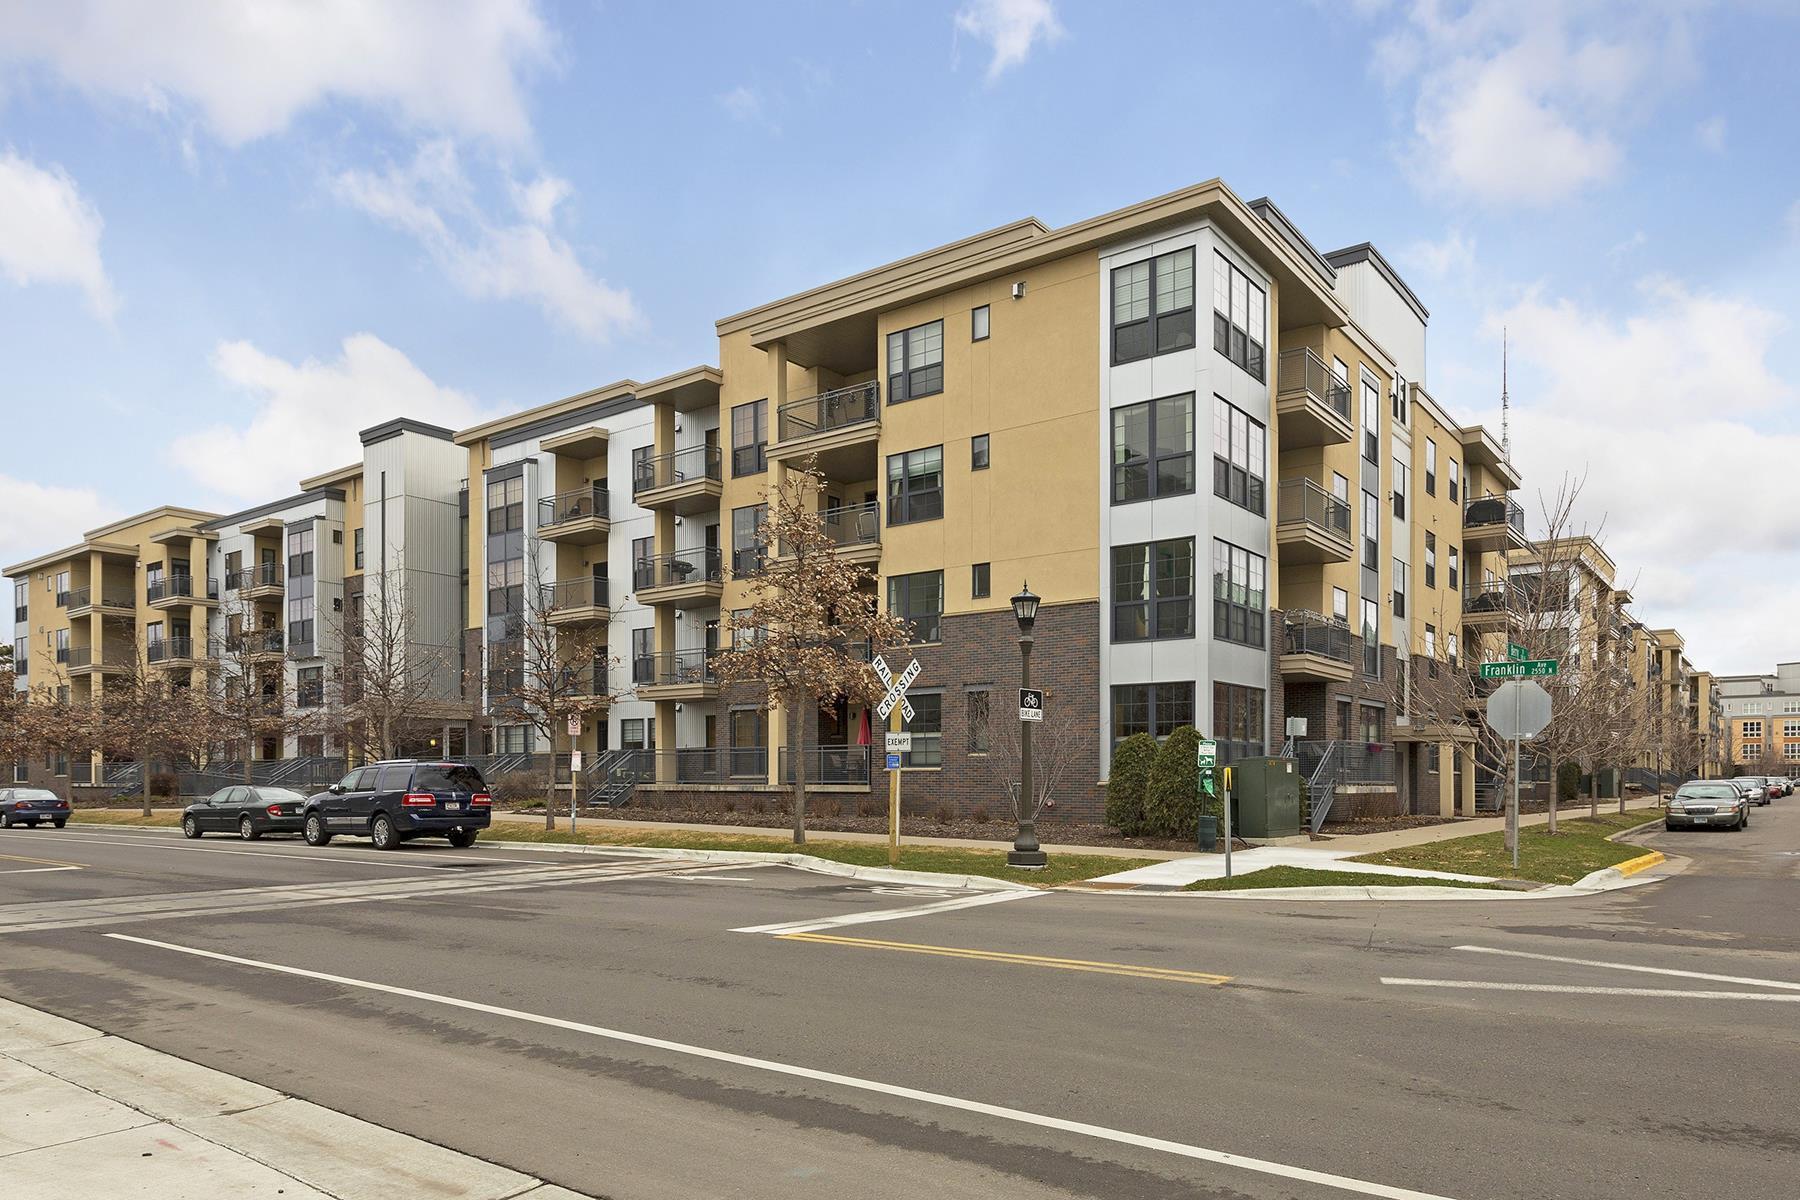 独户住宅 为 销售 在 2565 Franklin Avenue #304 2565 Franklin Ave #304 圣保罗, 明尼苏达州, 55114 美国